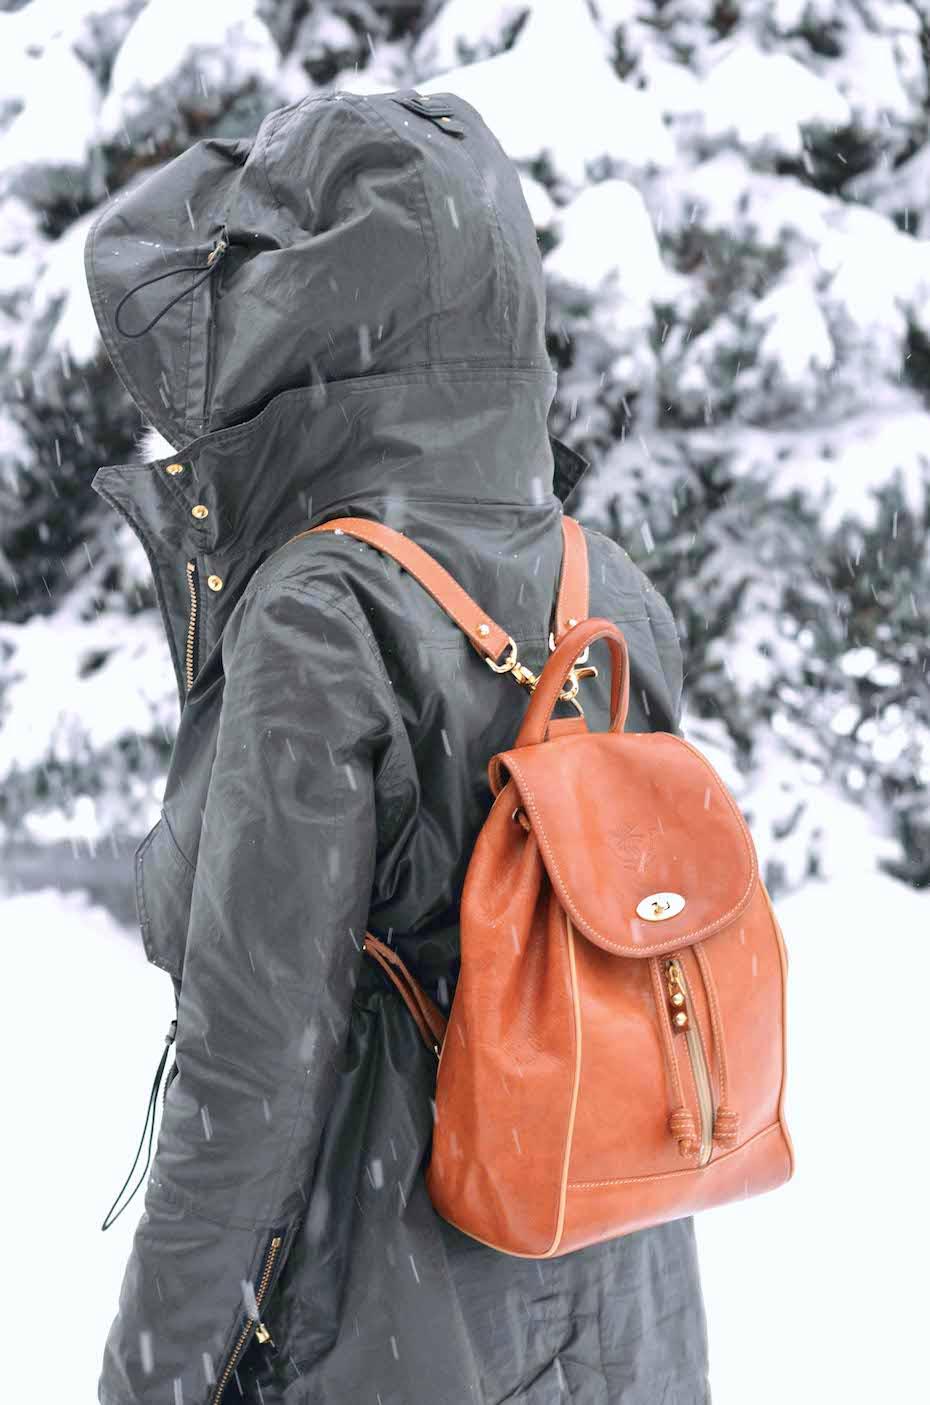 Warm Vintage Leather Backpack